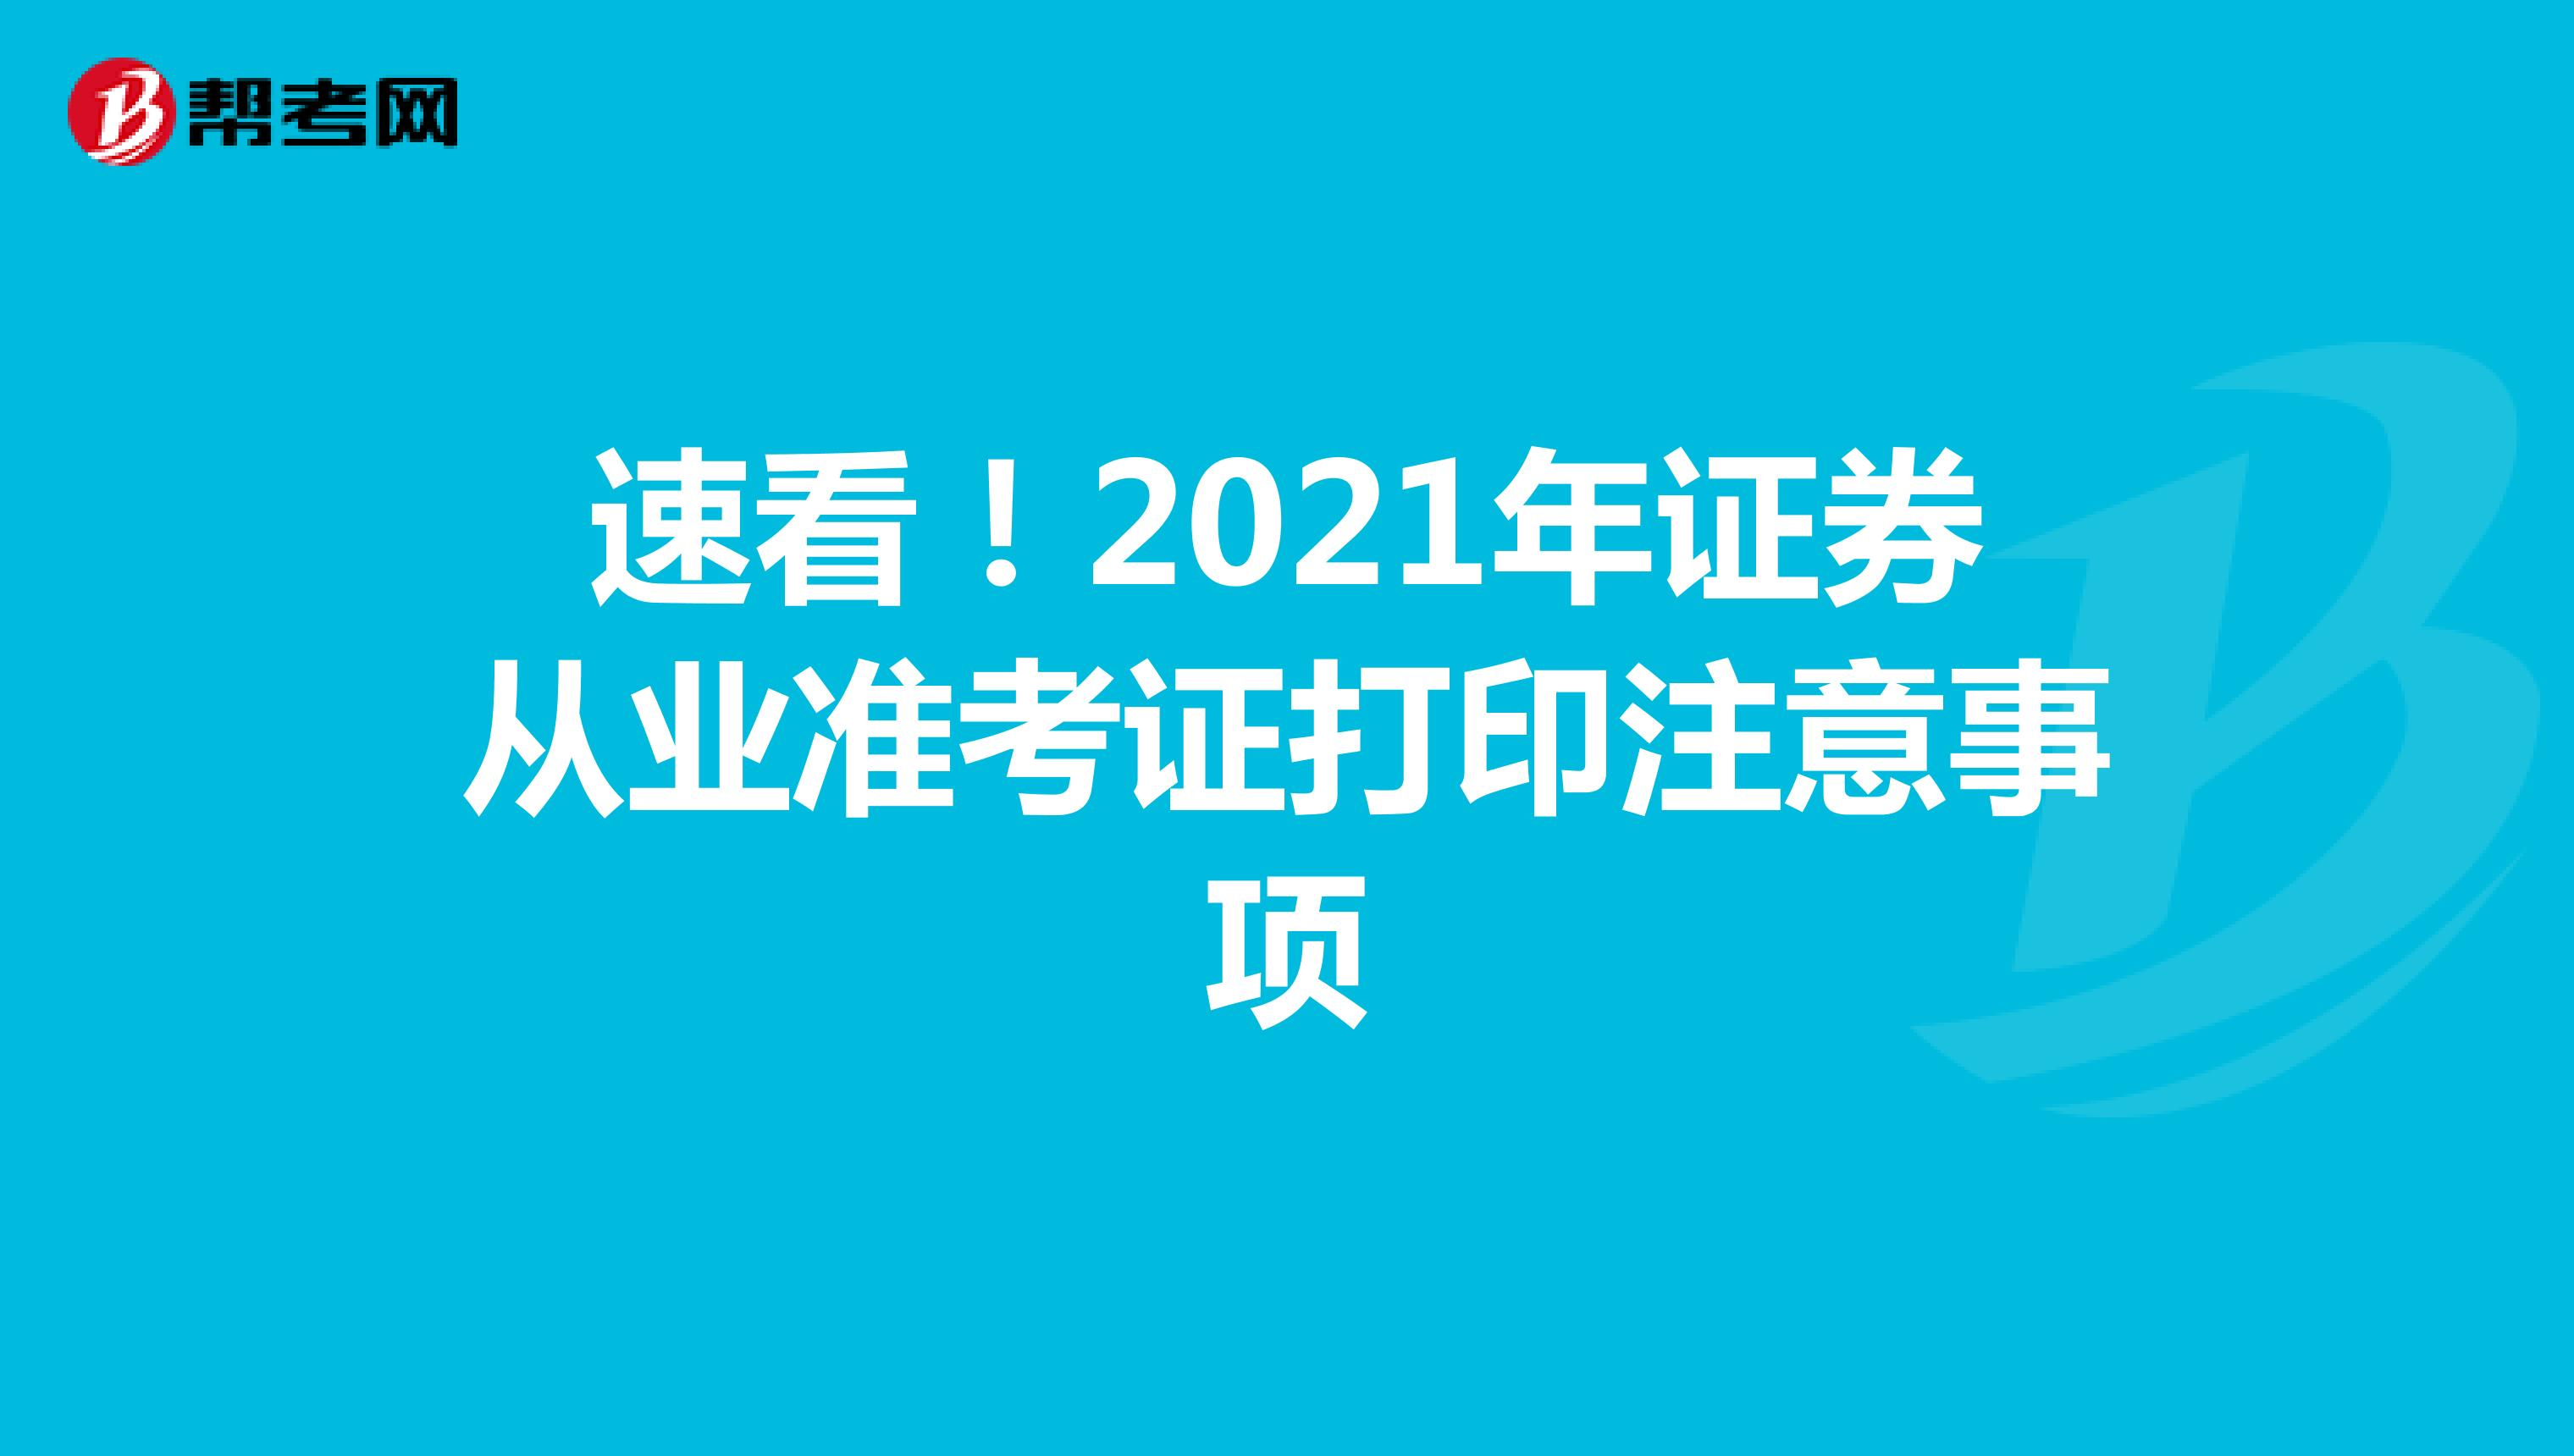 速看!2021年证券从业准考证打印注意事项